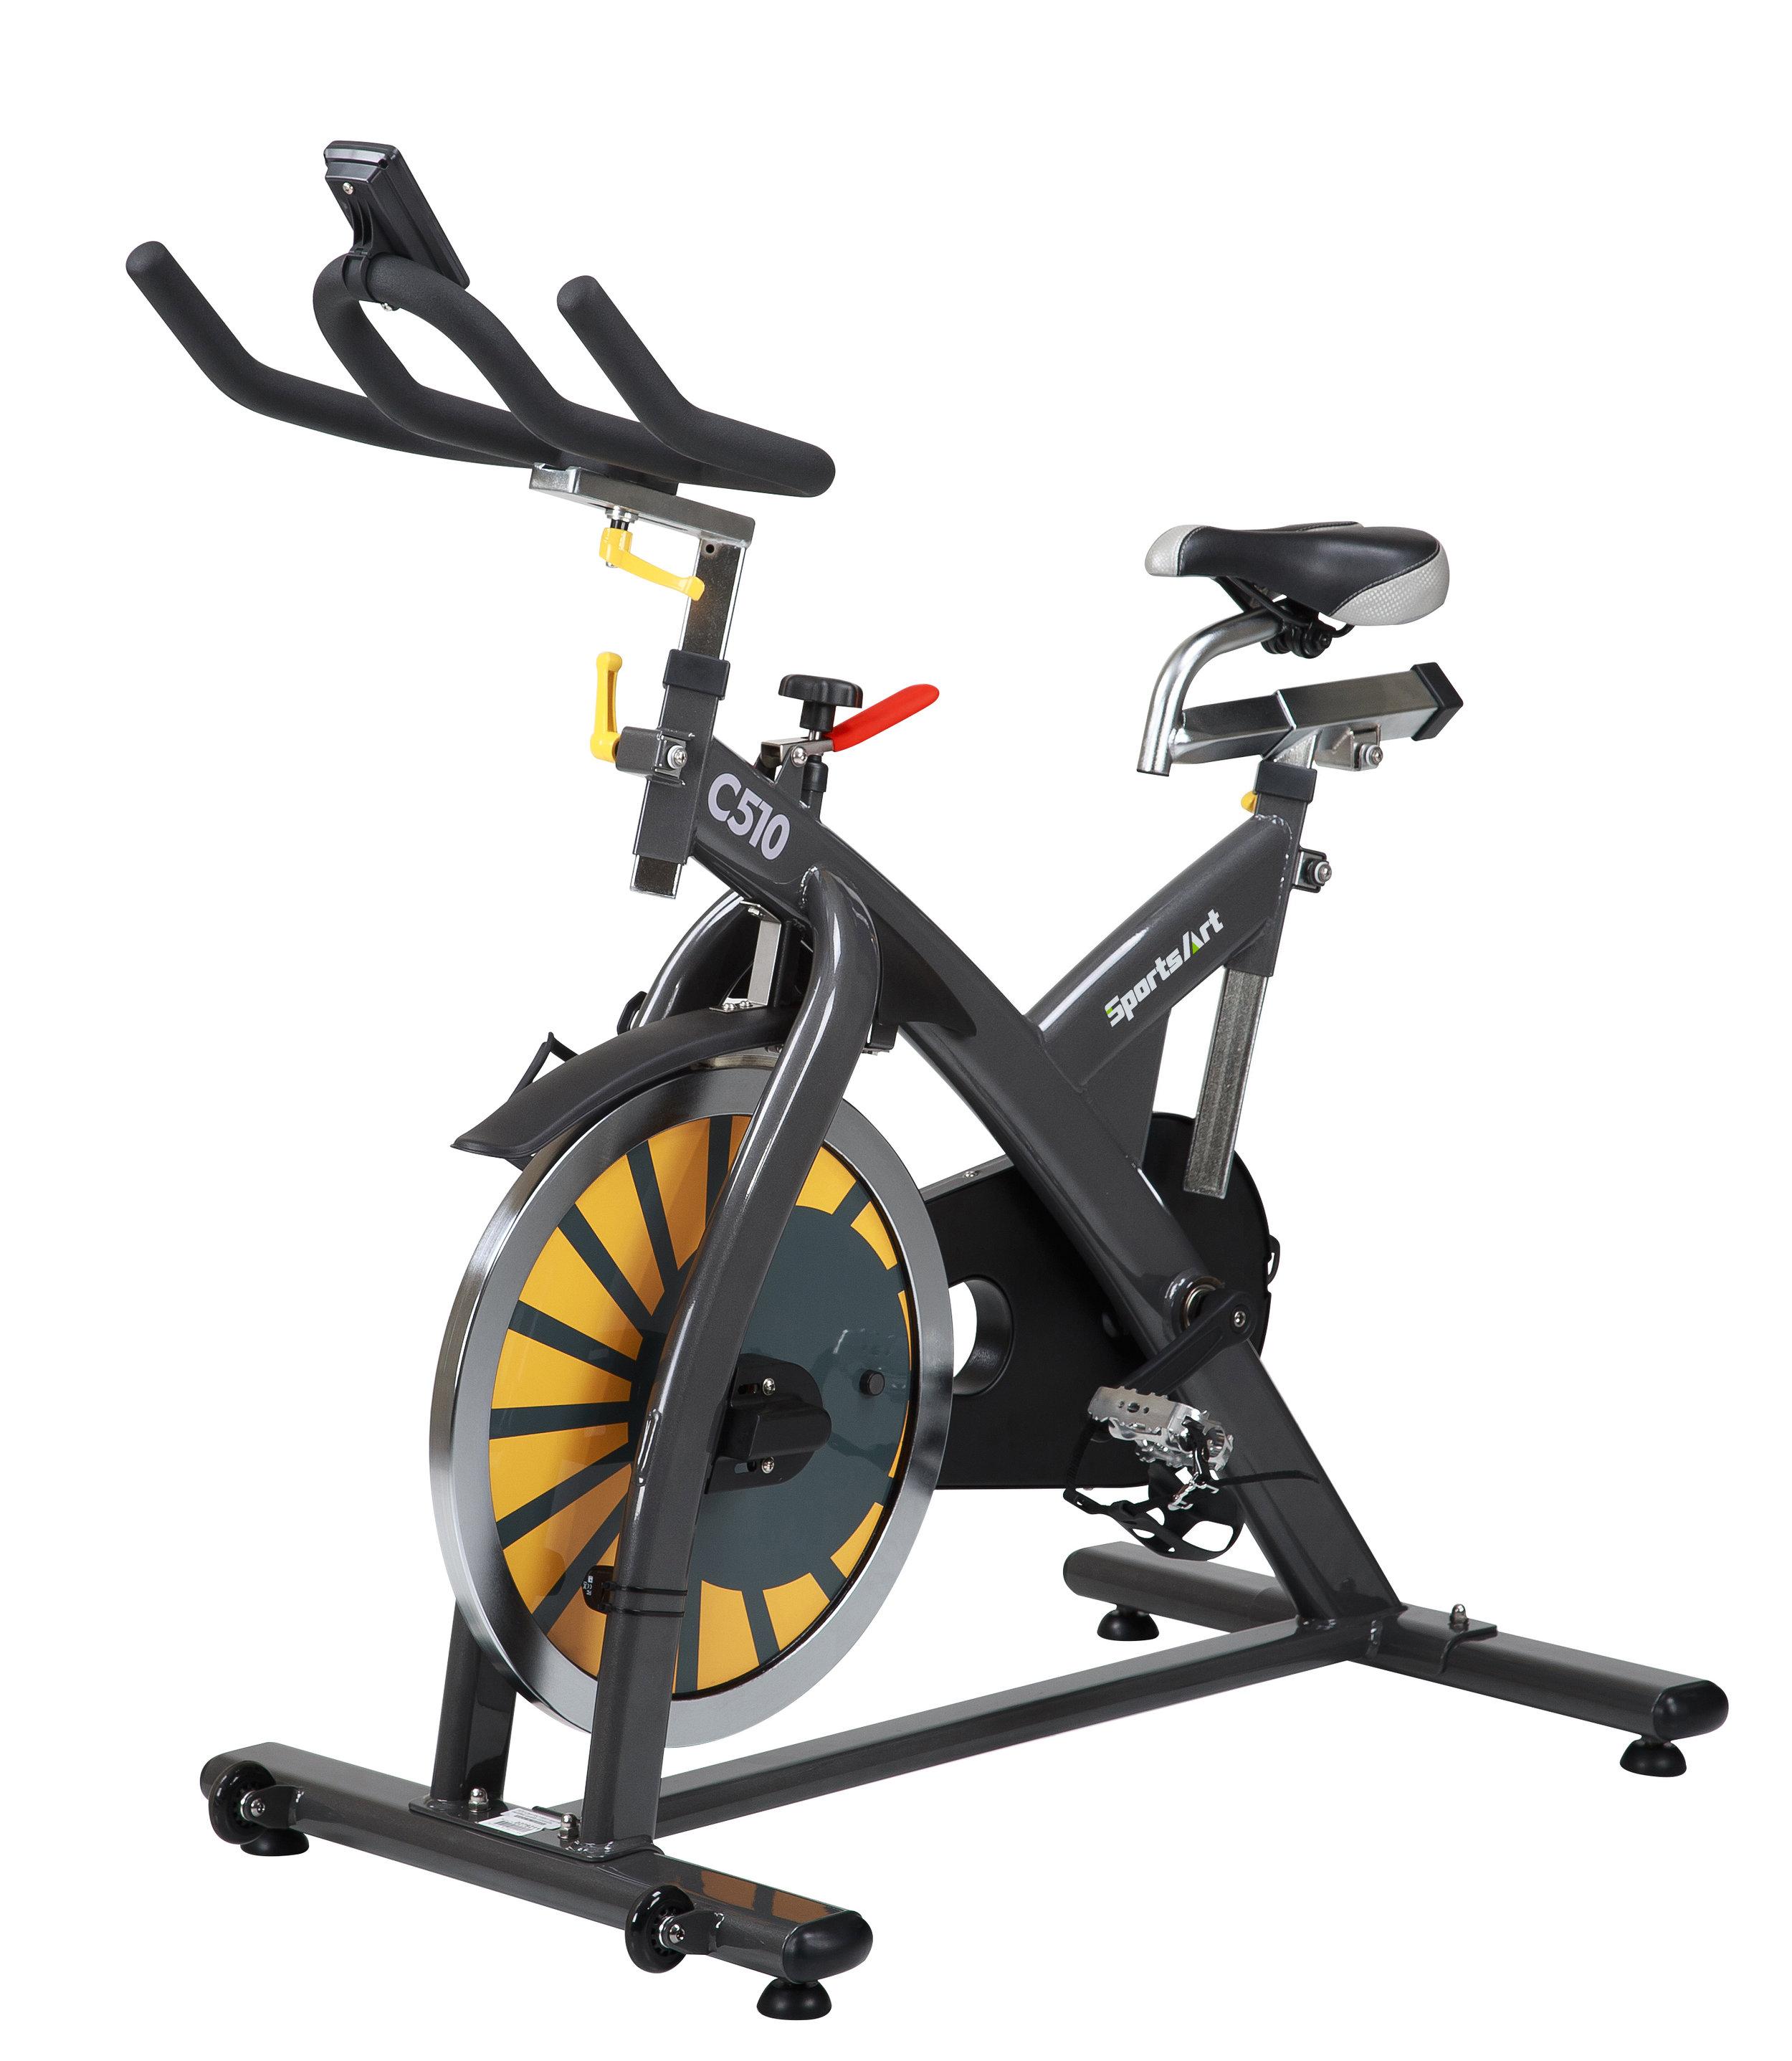 SportsArt indoor cycle.jpg